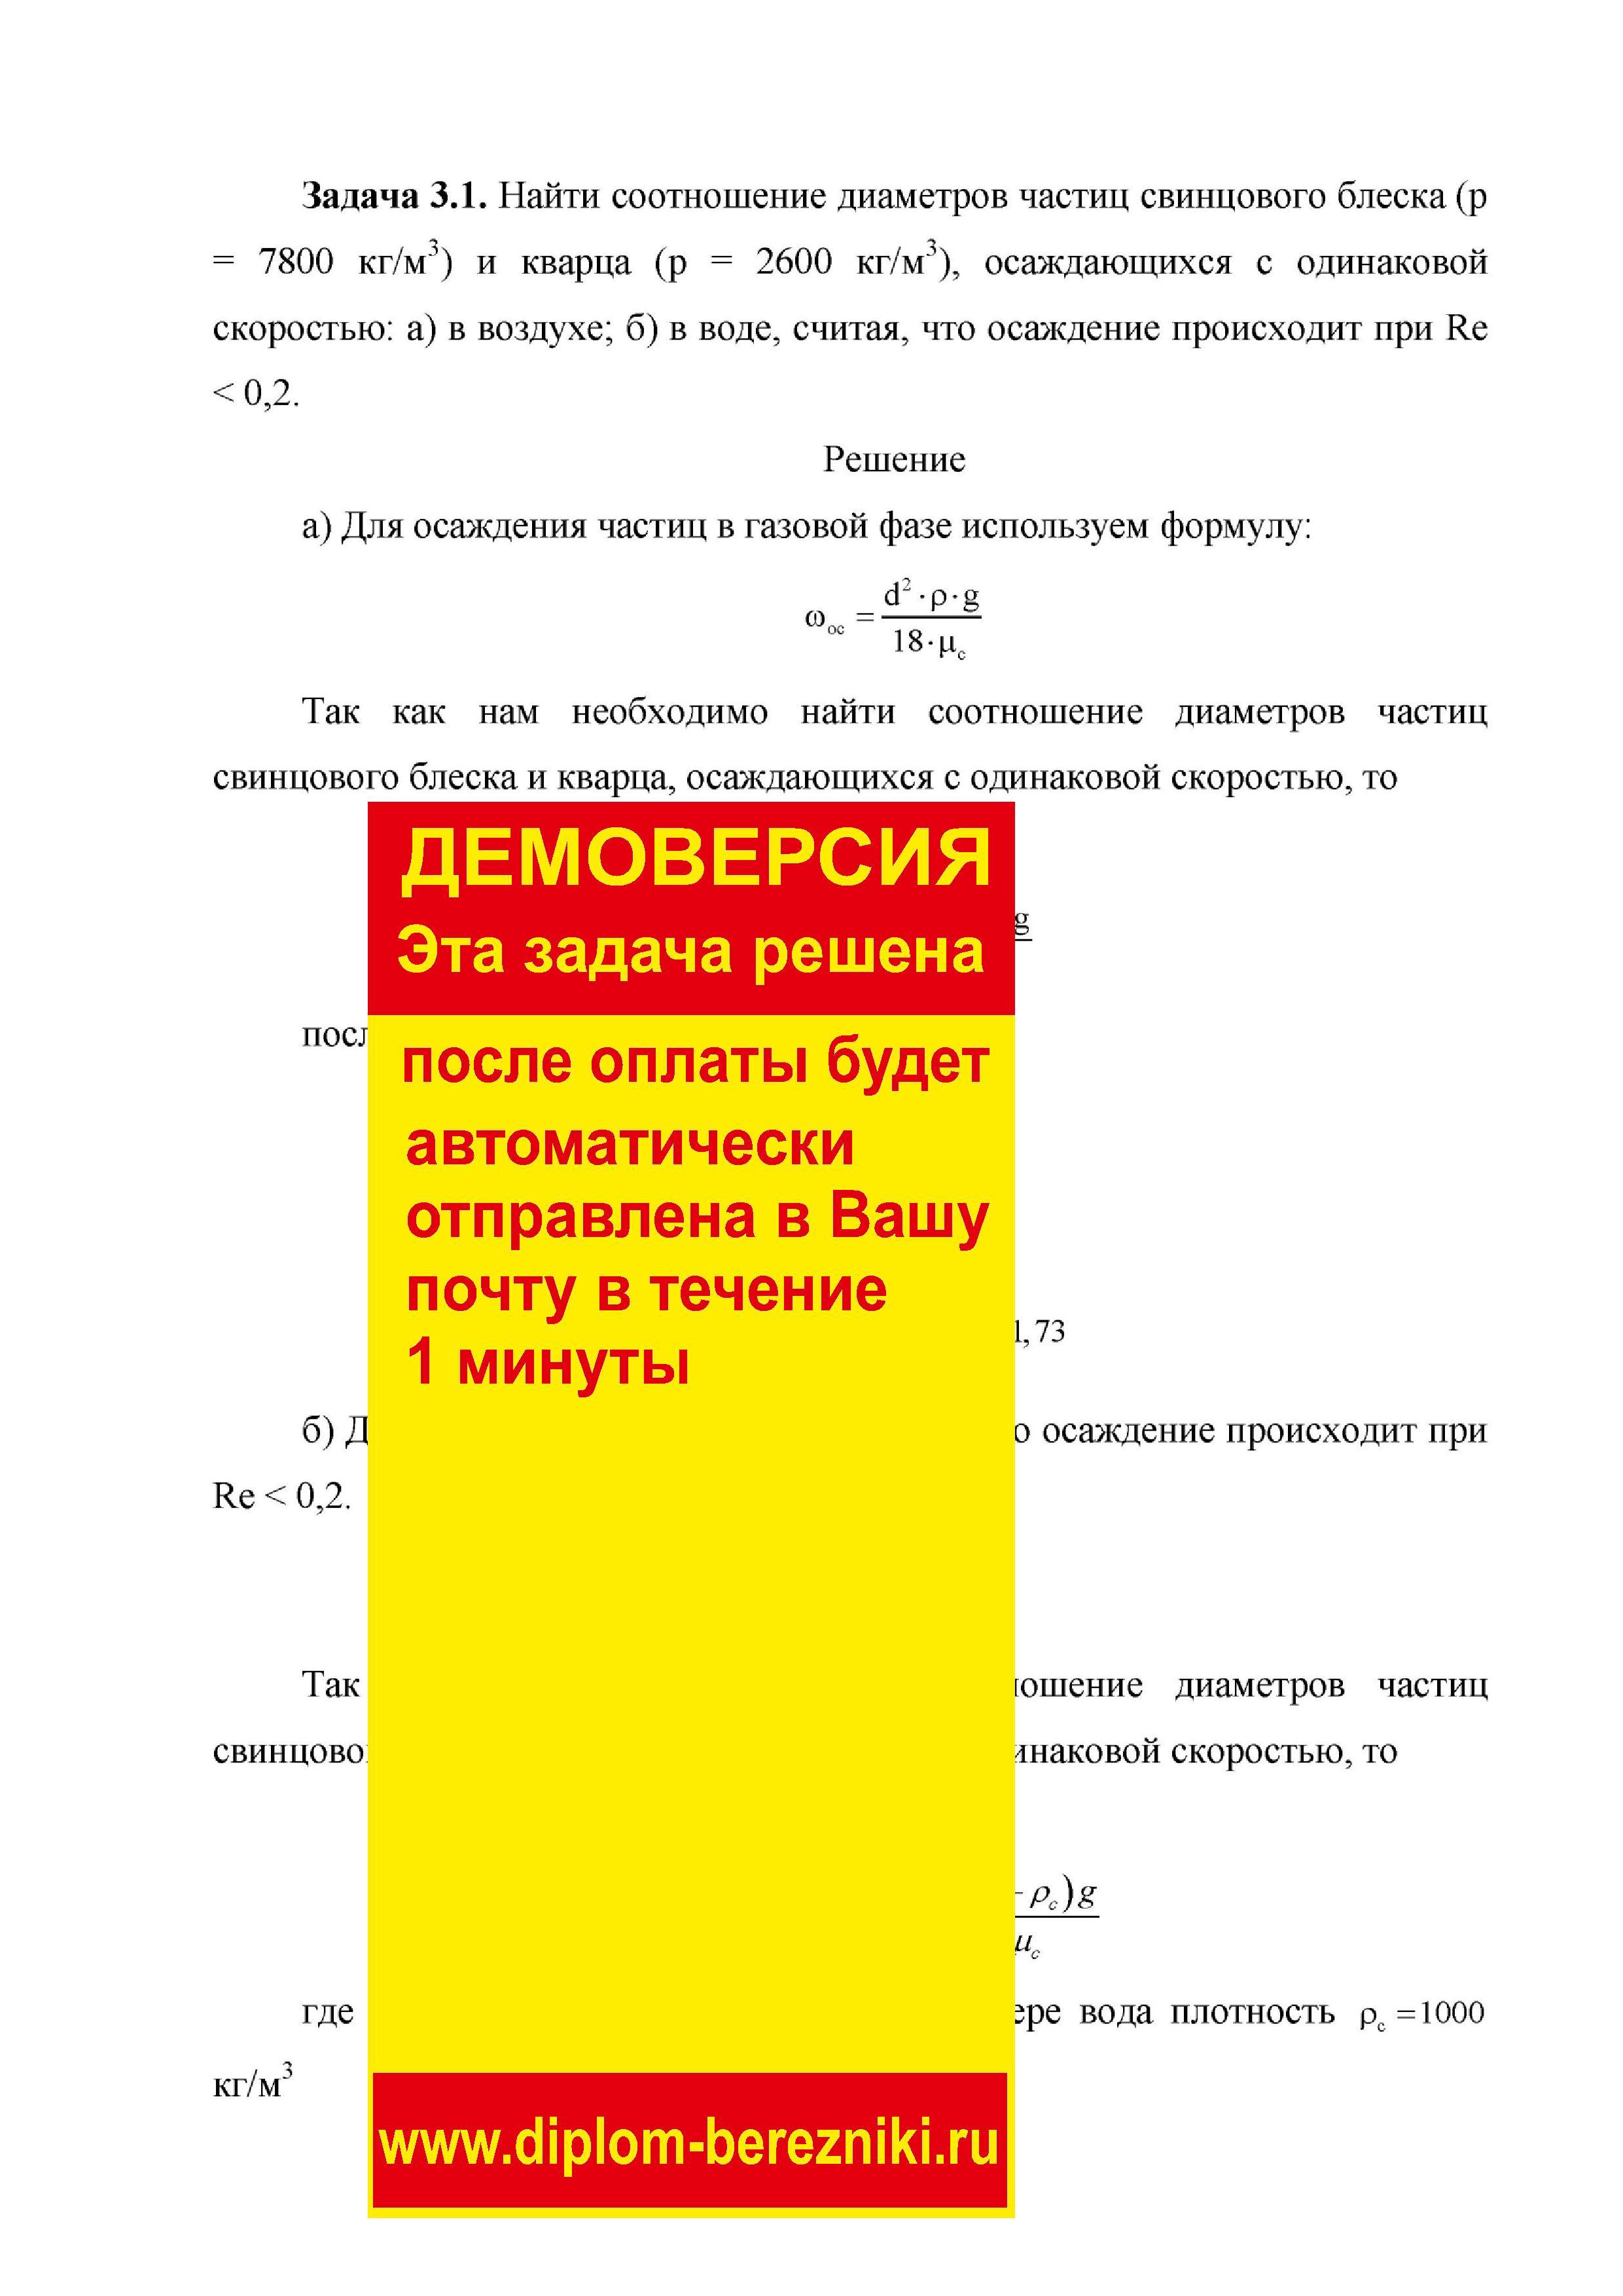 Решение задачи 3.1 по ПАХТ из задачника Павлова Романкова Носкова